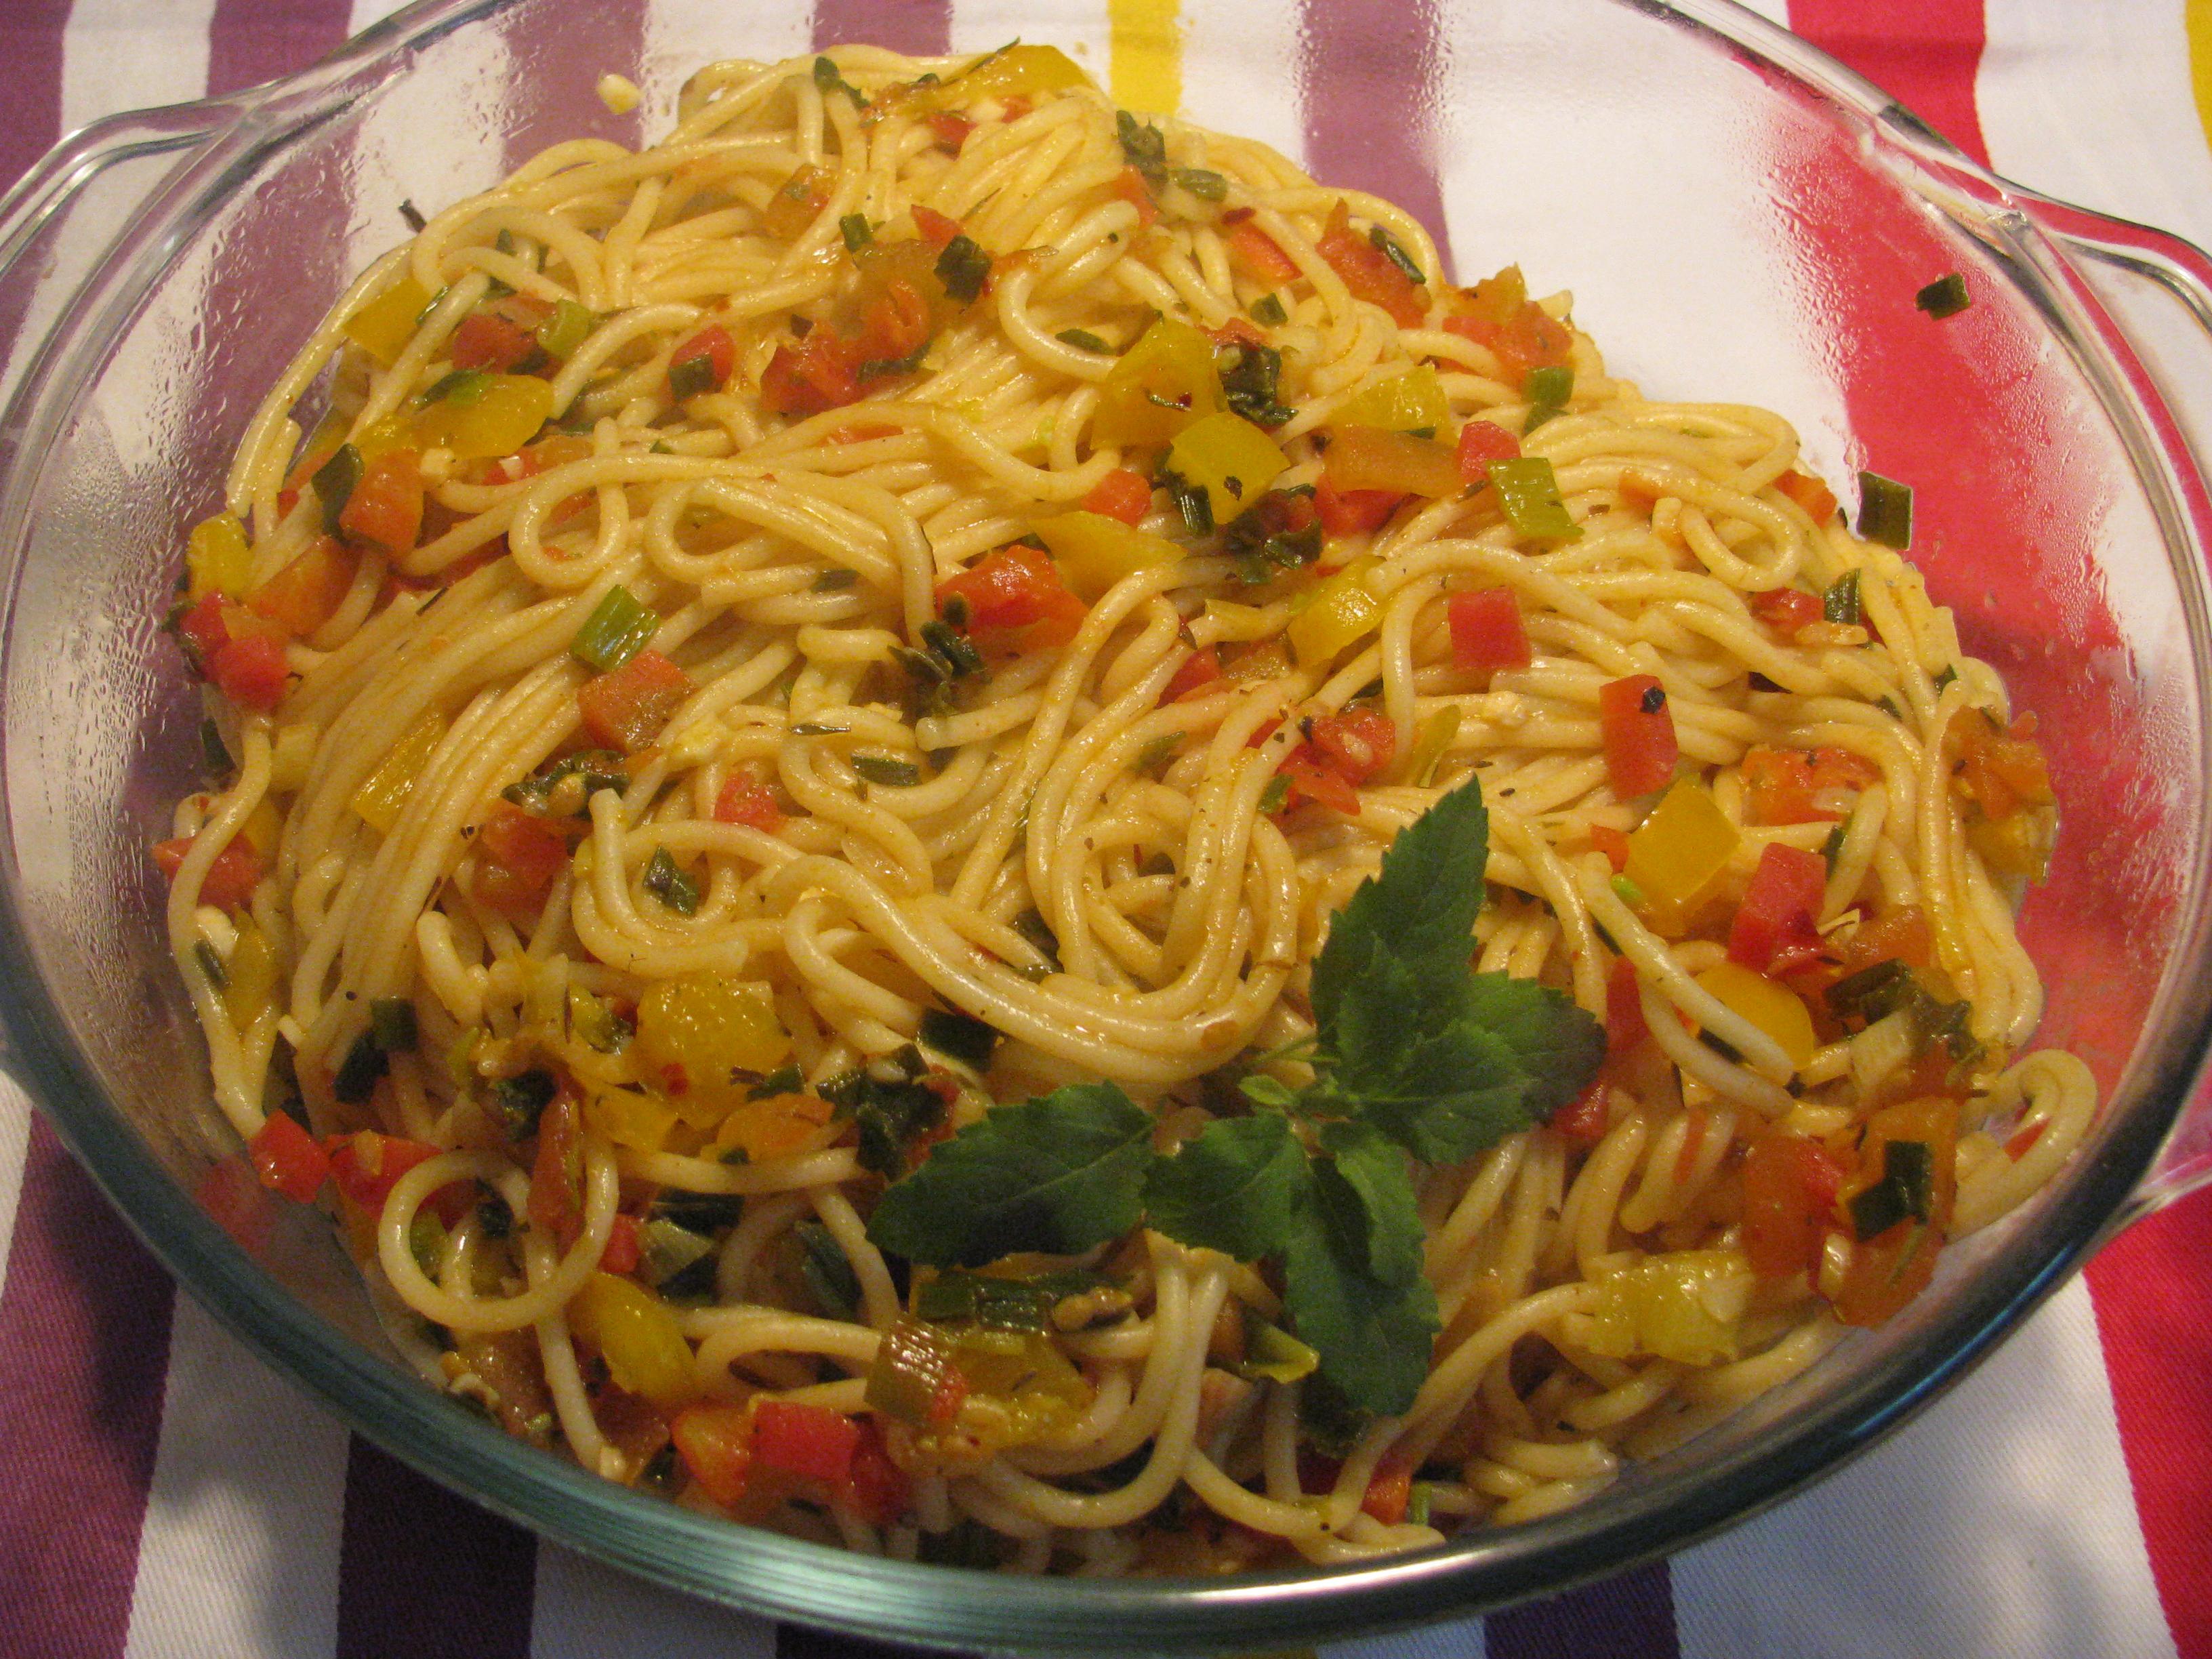 Italian pasta recipes in marathi language healthy pasta recipes italian pasta recipes in marathi language forumfinder Choice Image